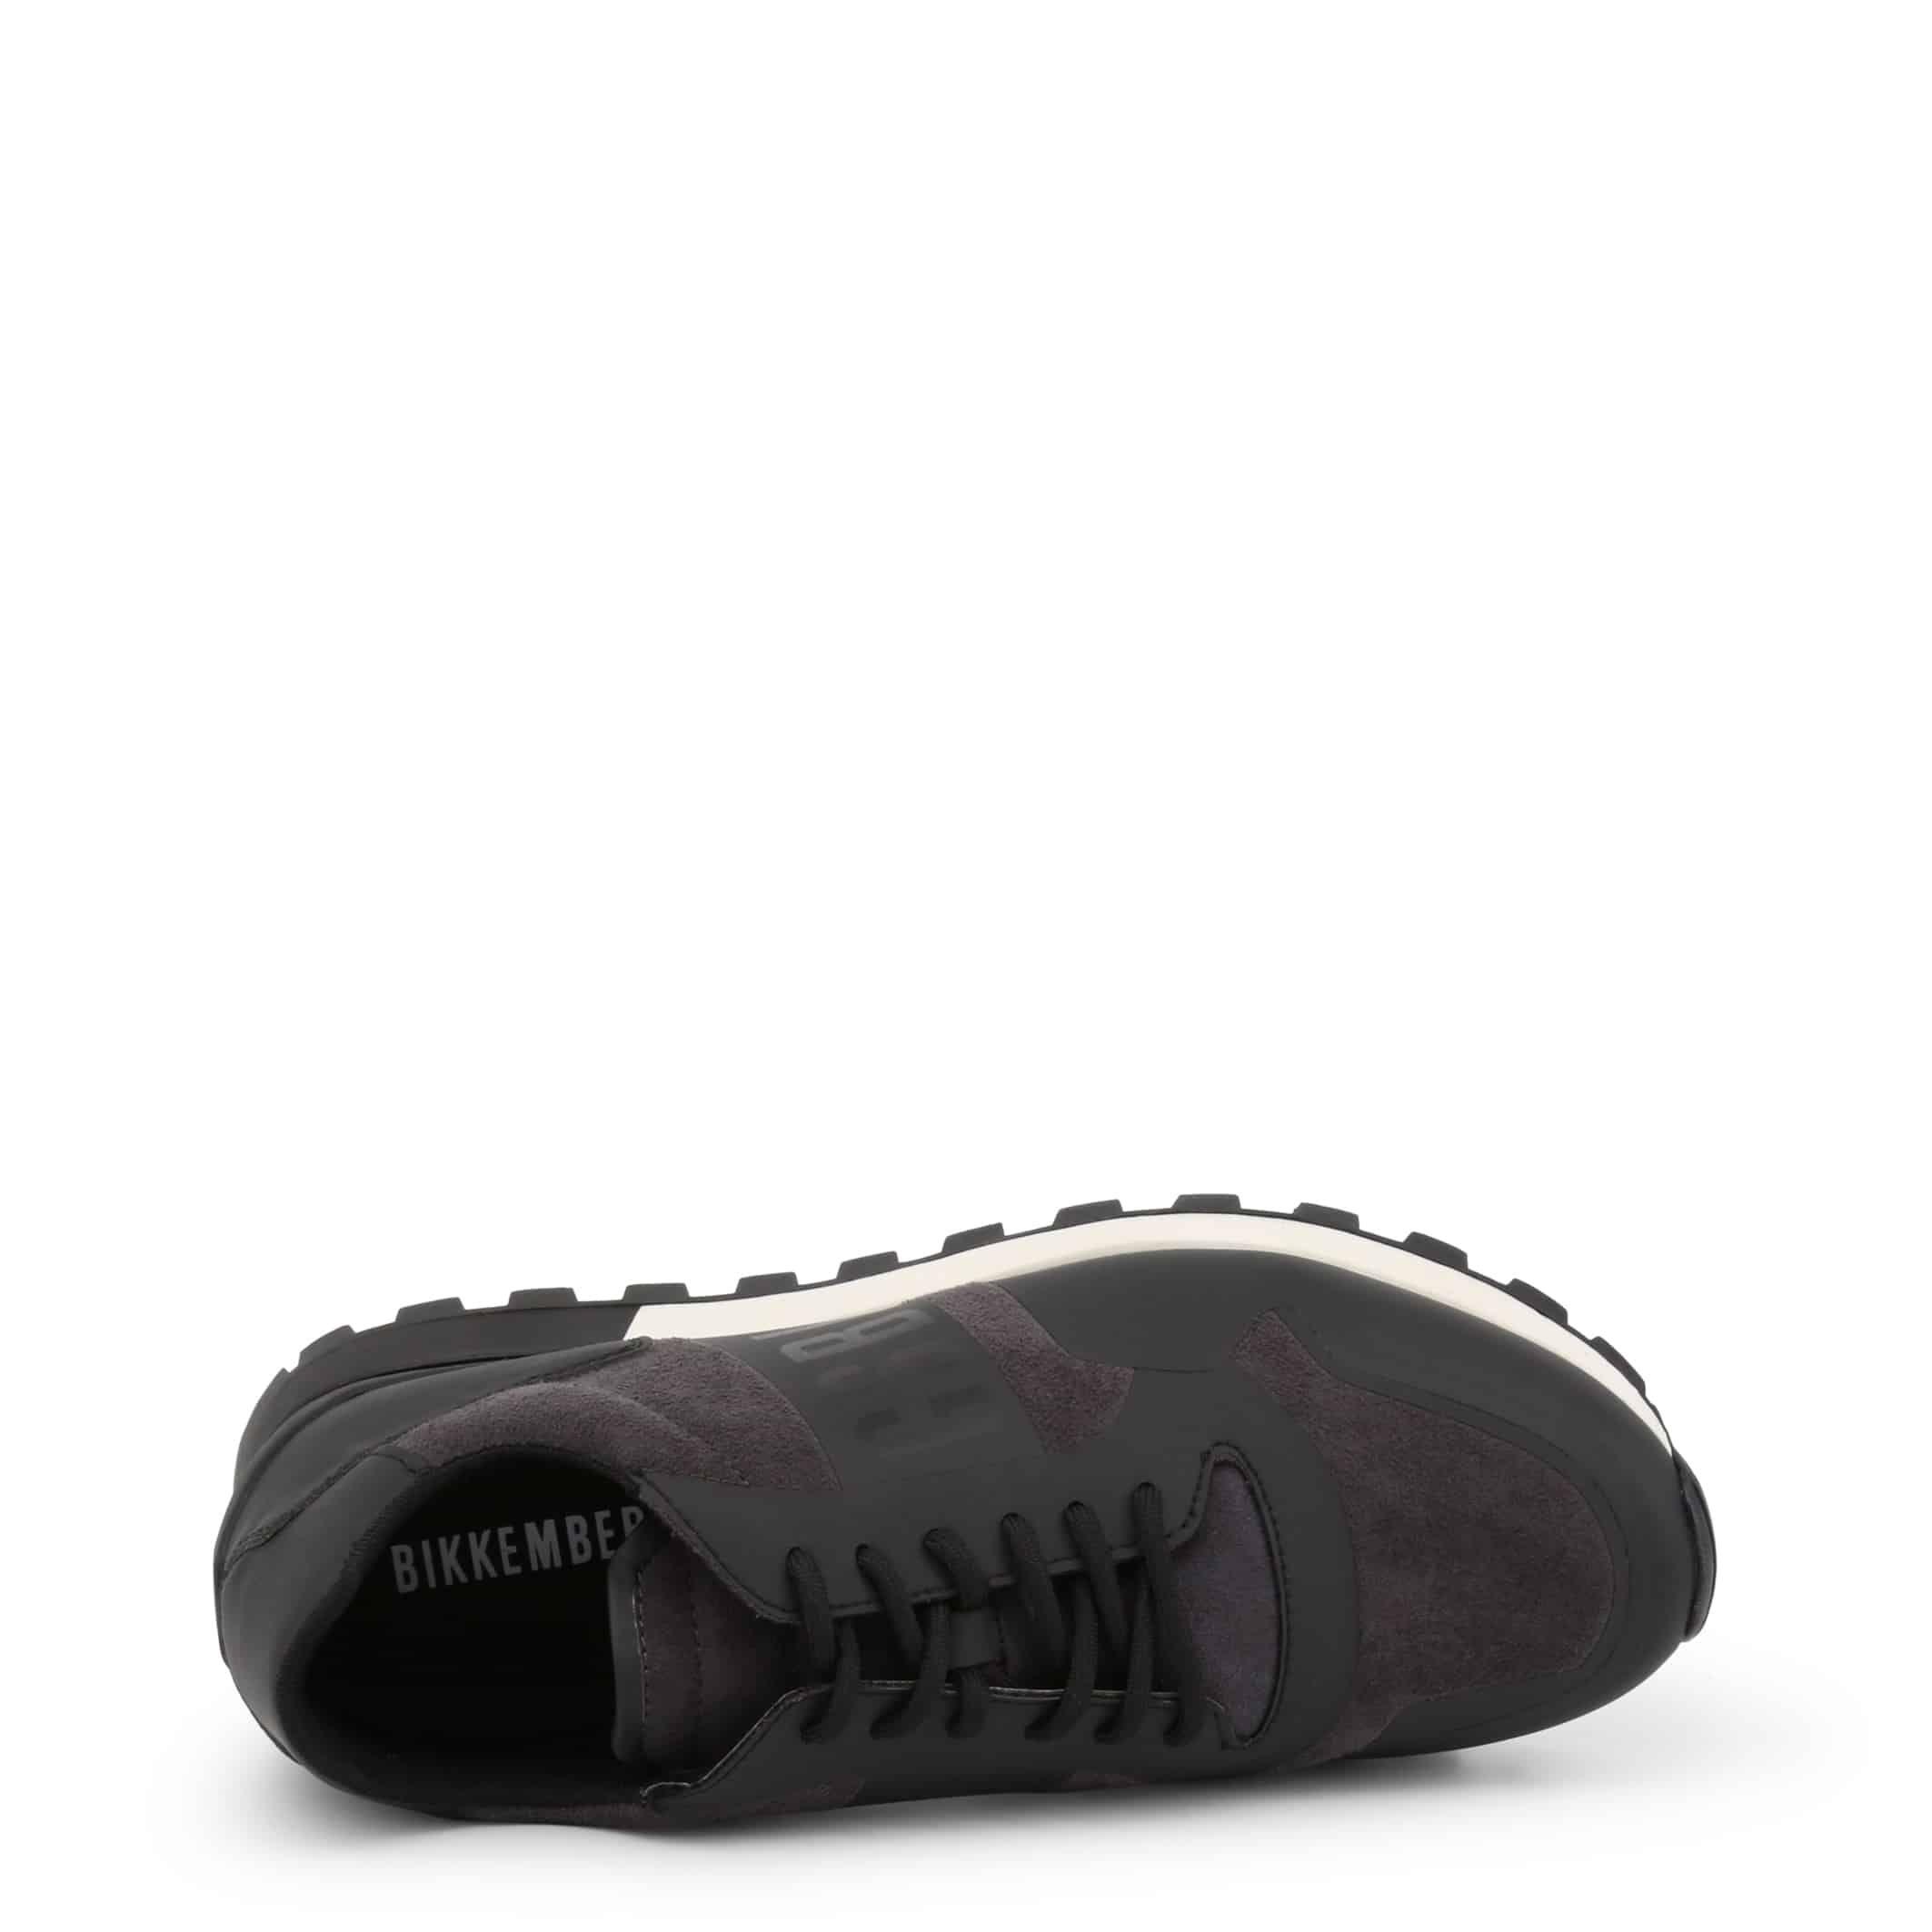 Sneakers Bikkembergs – FEND-ER_1944